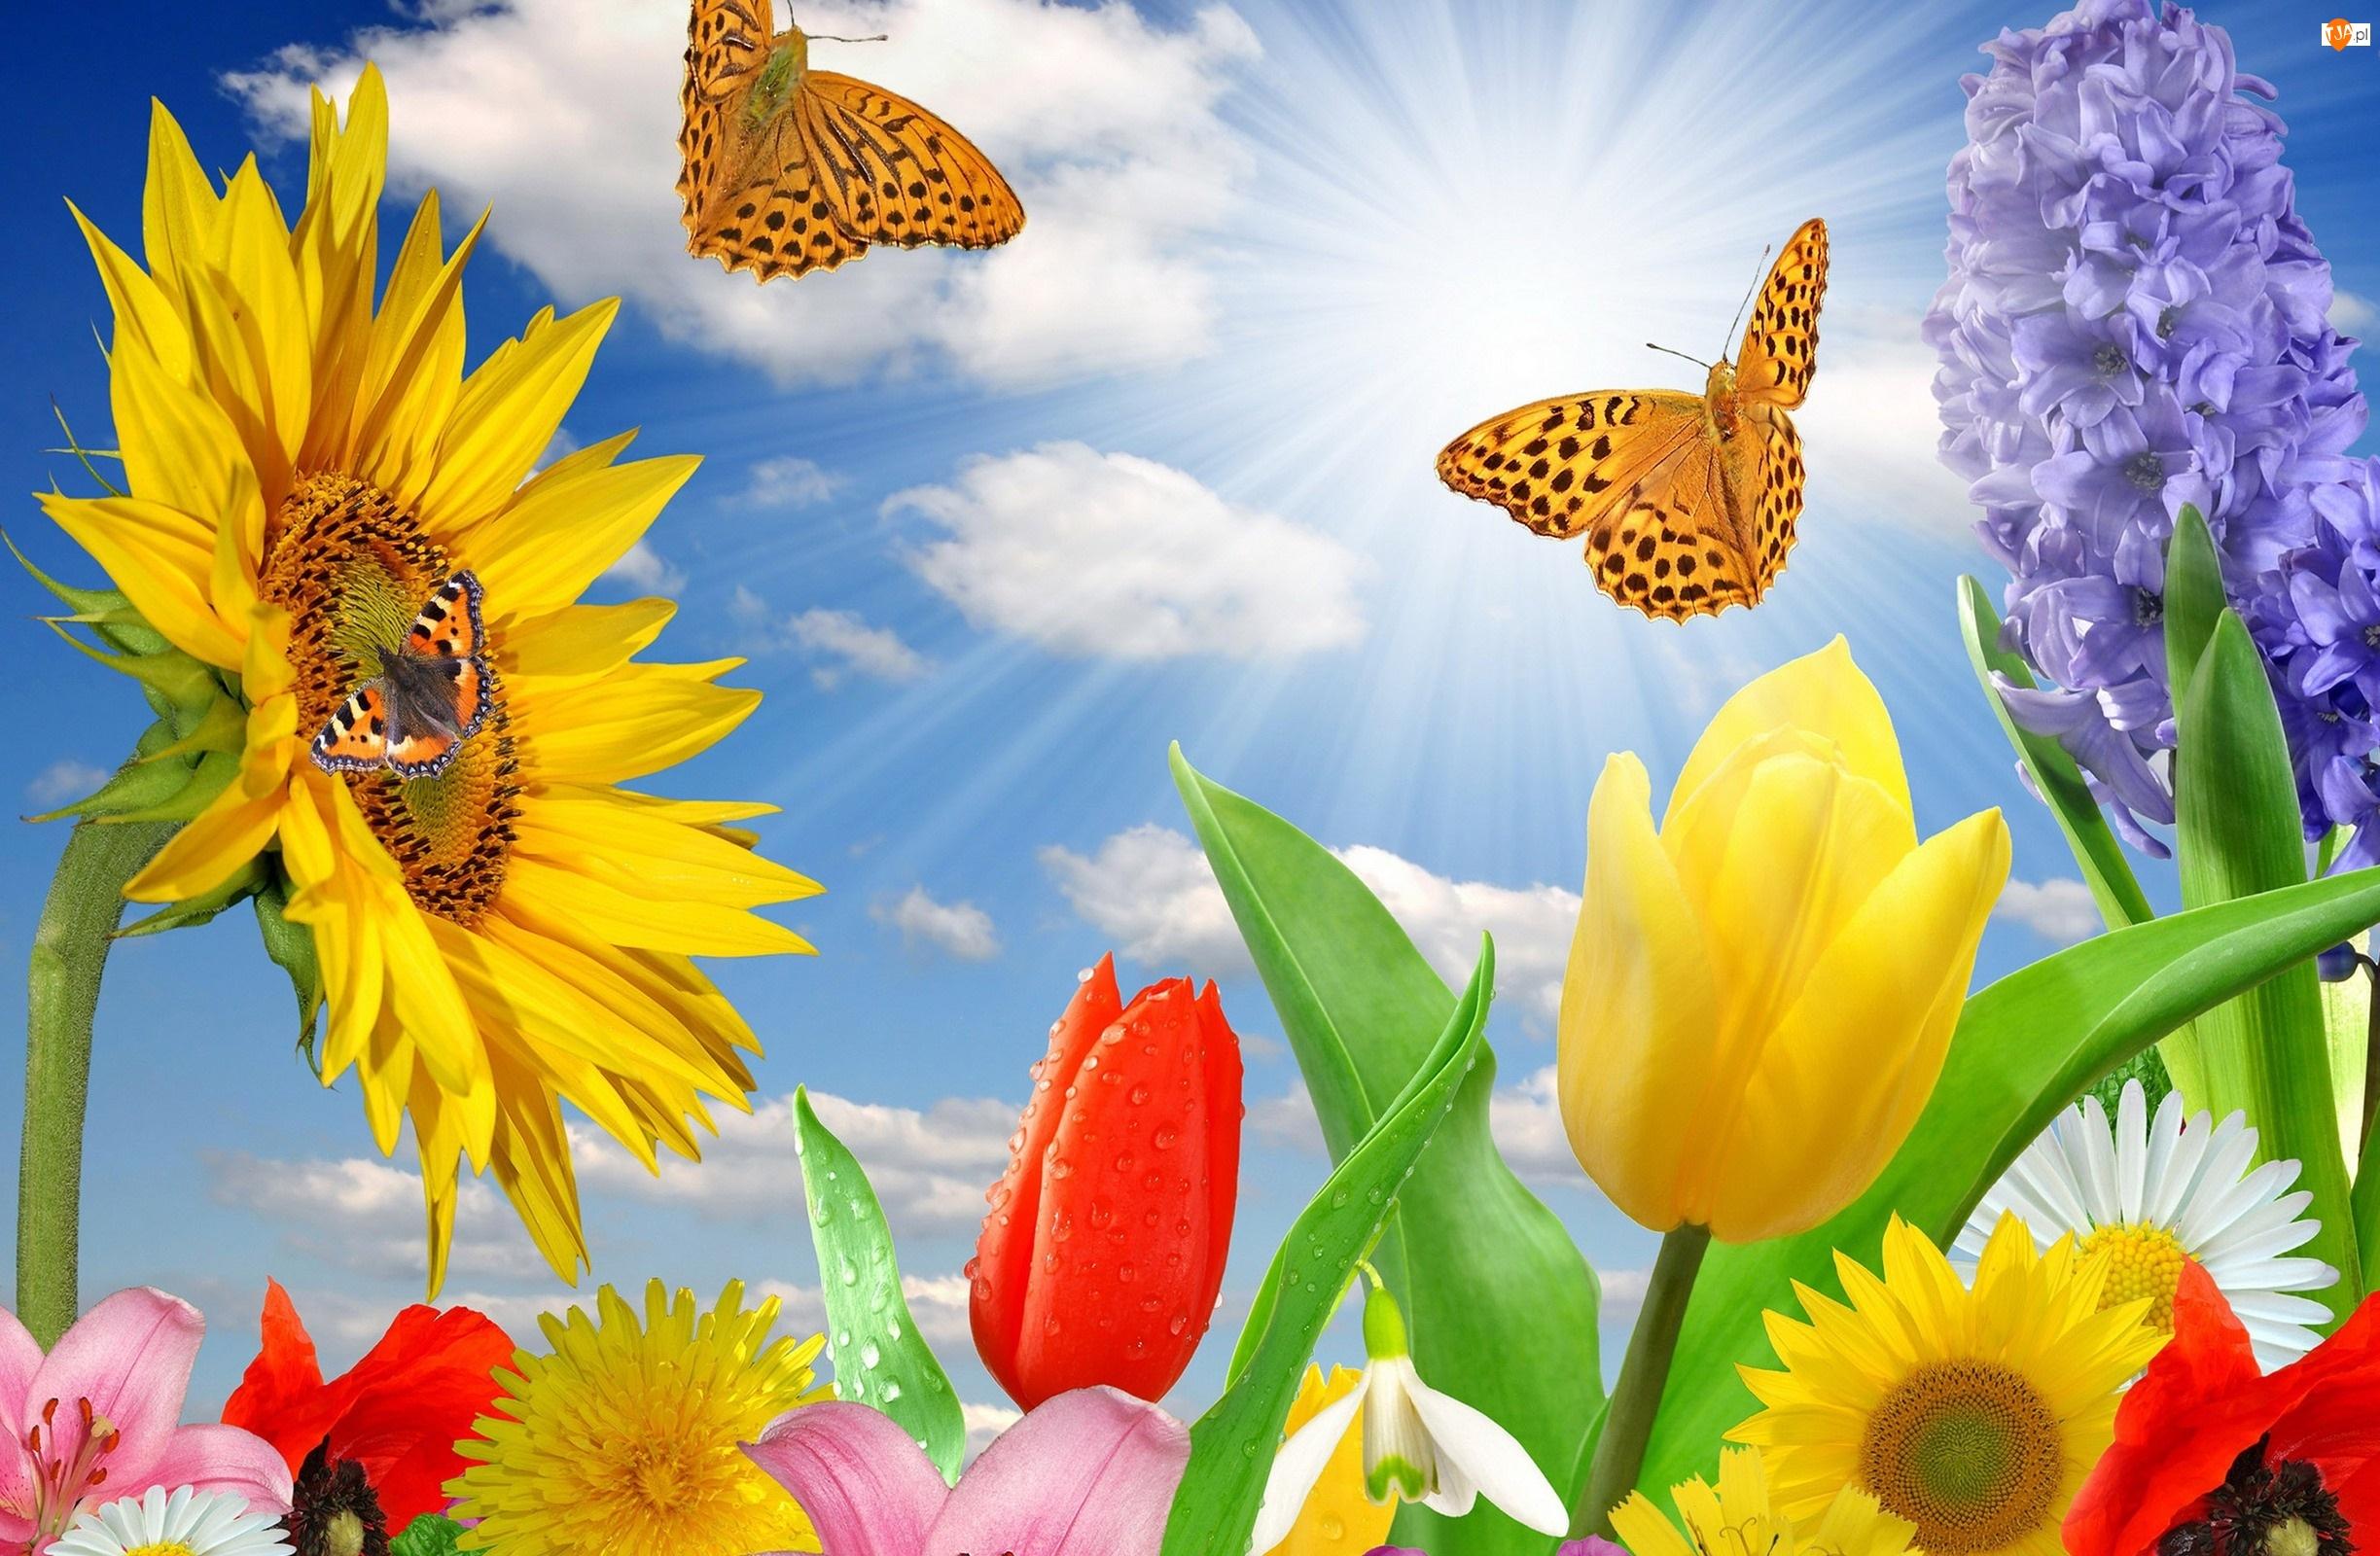 Motyle, Słoneczniki, Tulipany